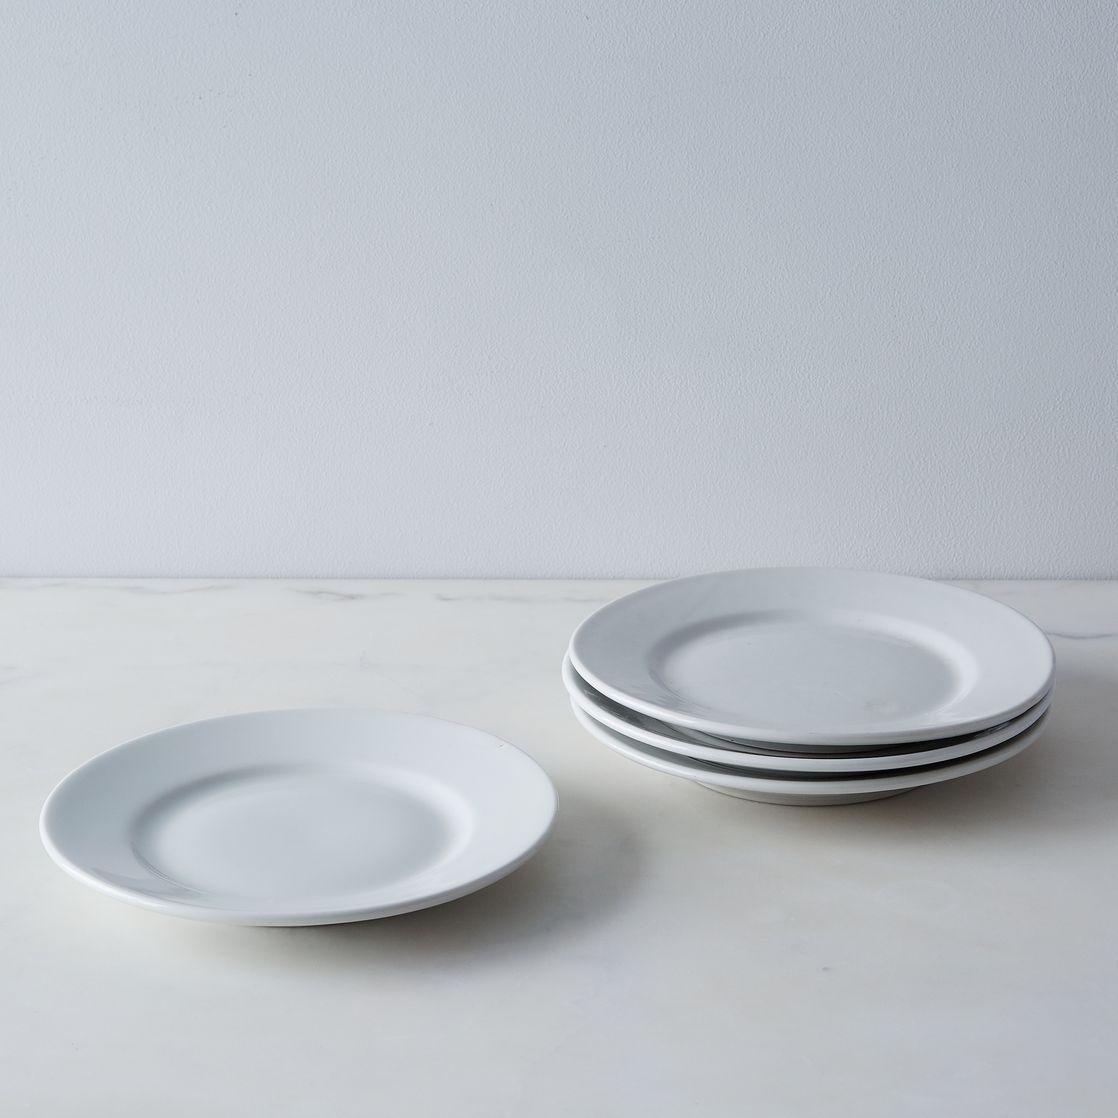 vintage french porcelain salad plates (set of )  salad plates  - vintage french porcelain salad plates (set of )